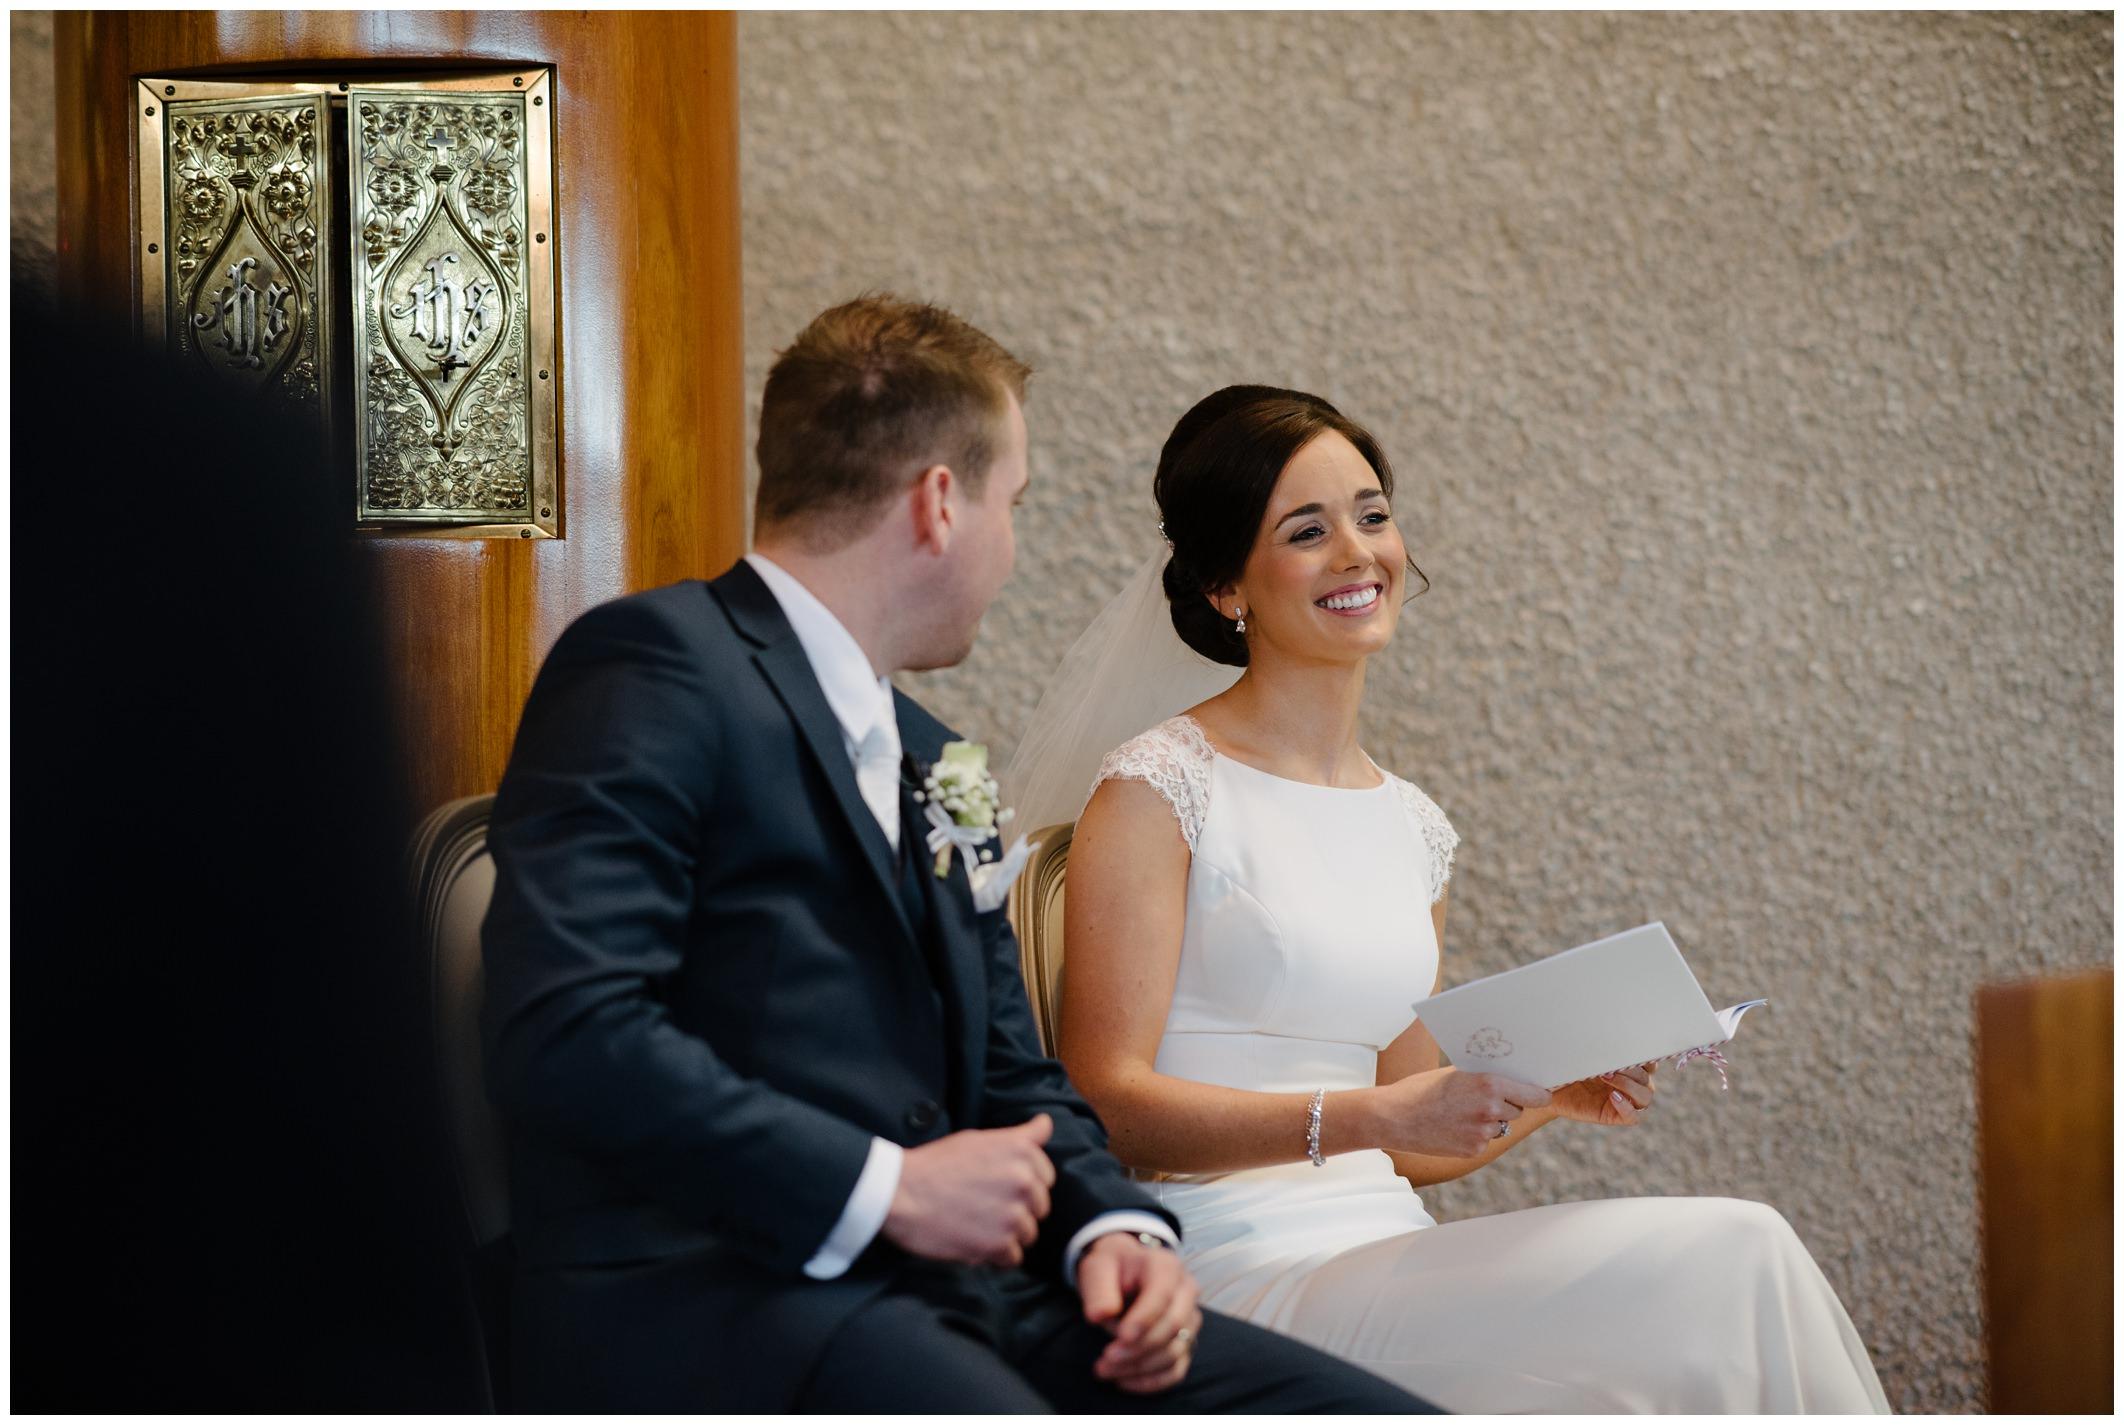 nicola_colm_villa_rose_wedding_jude_browne_photography_0048.jpg